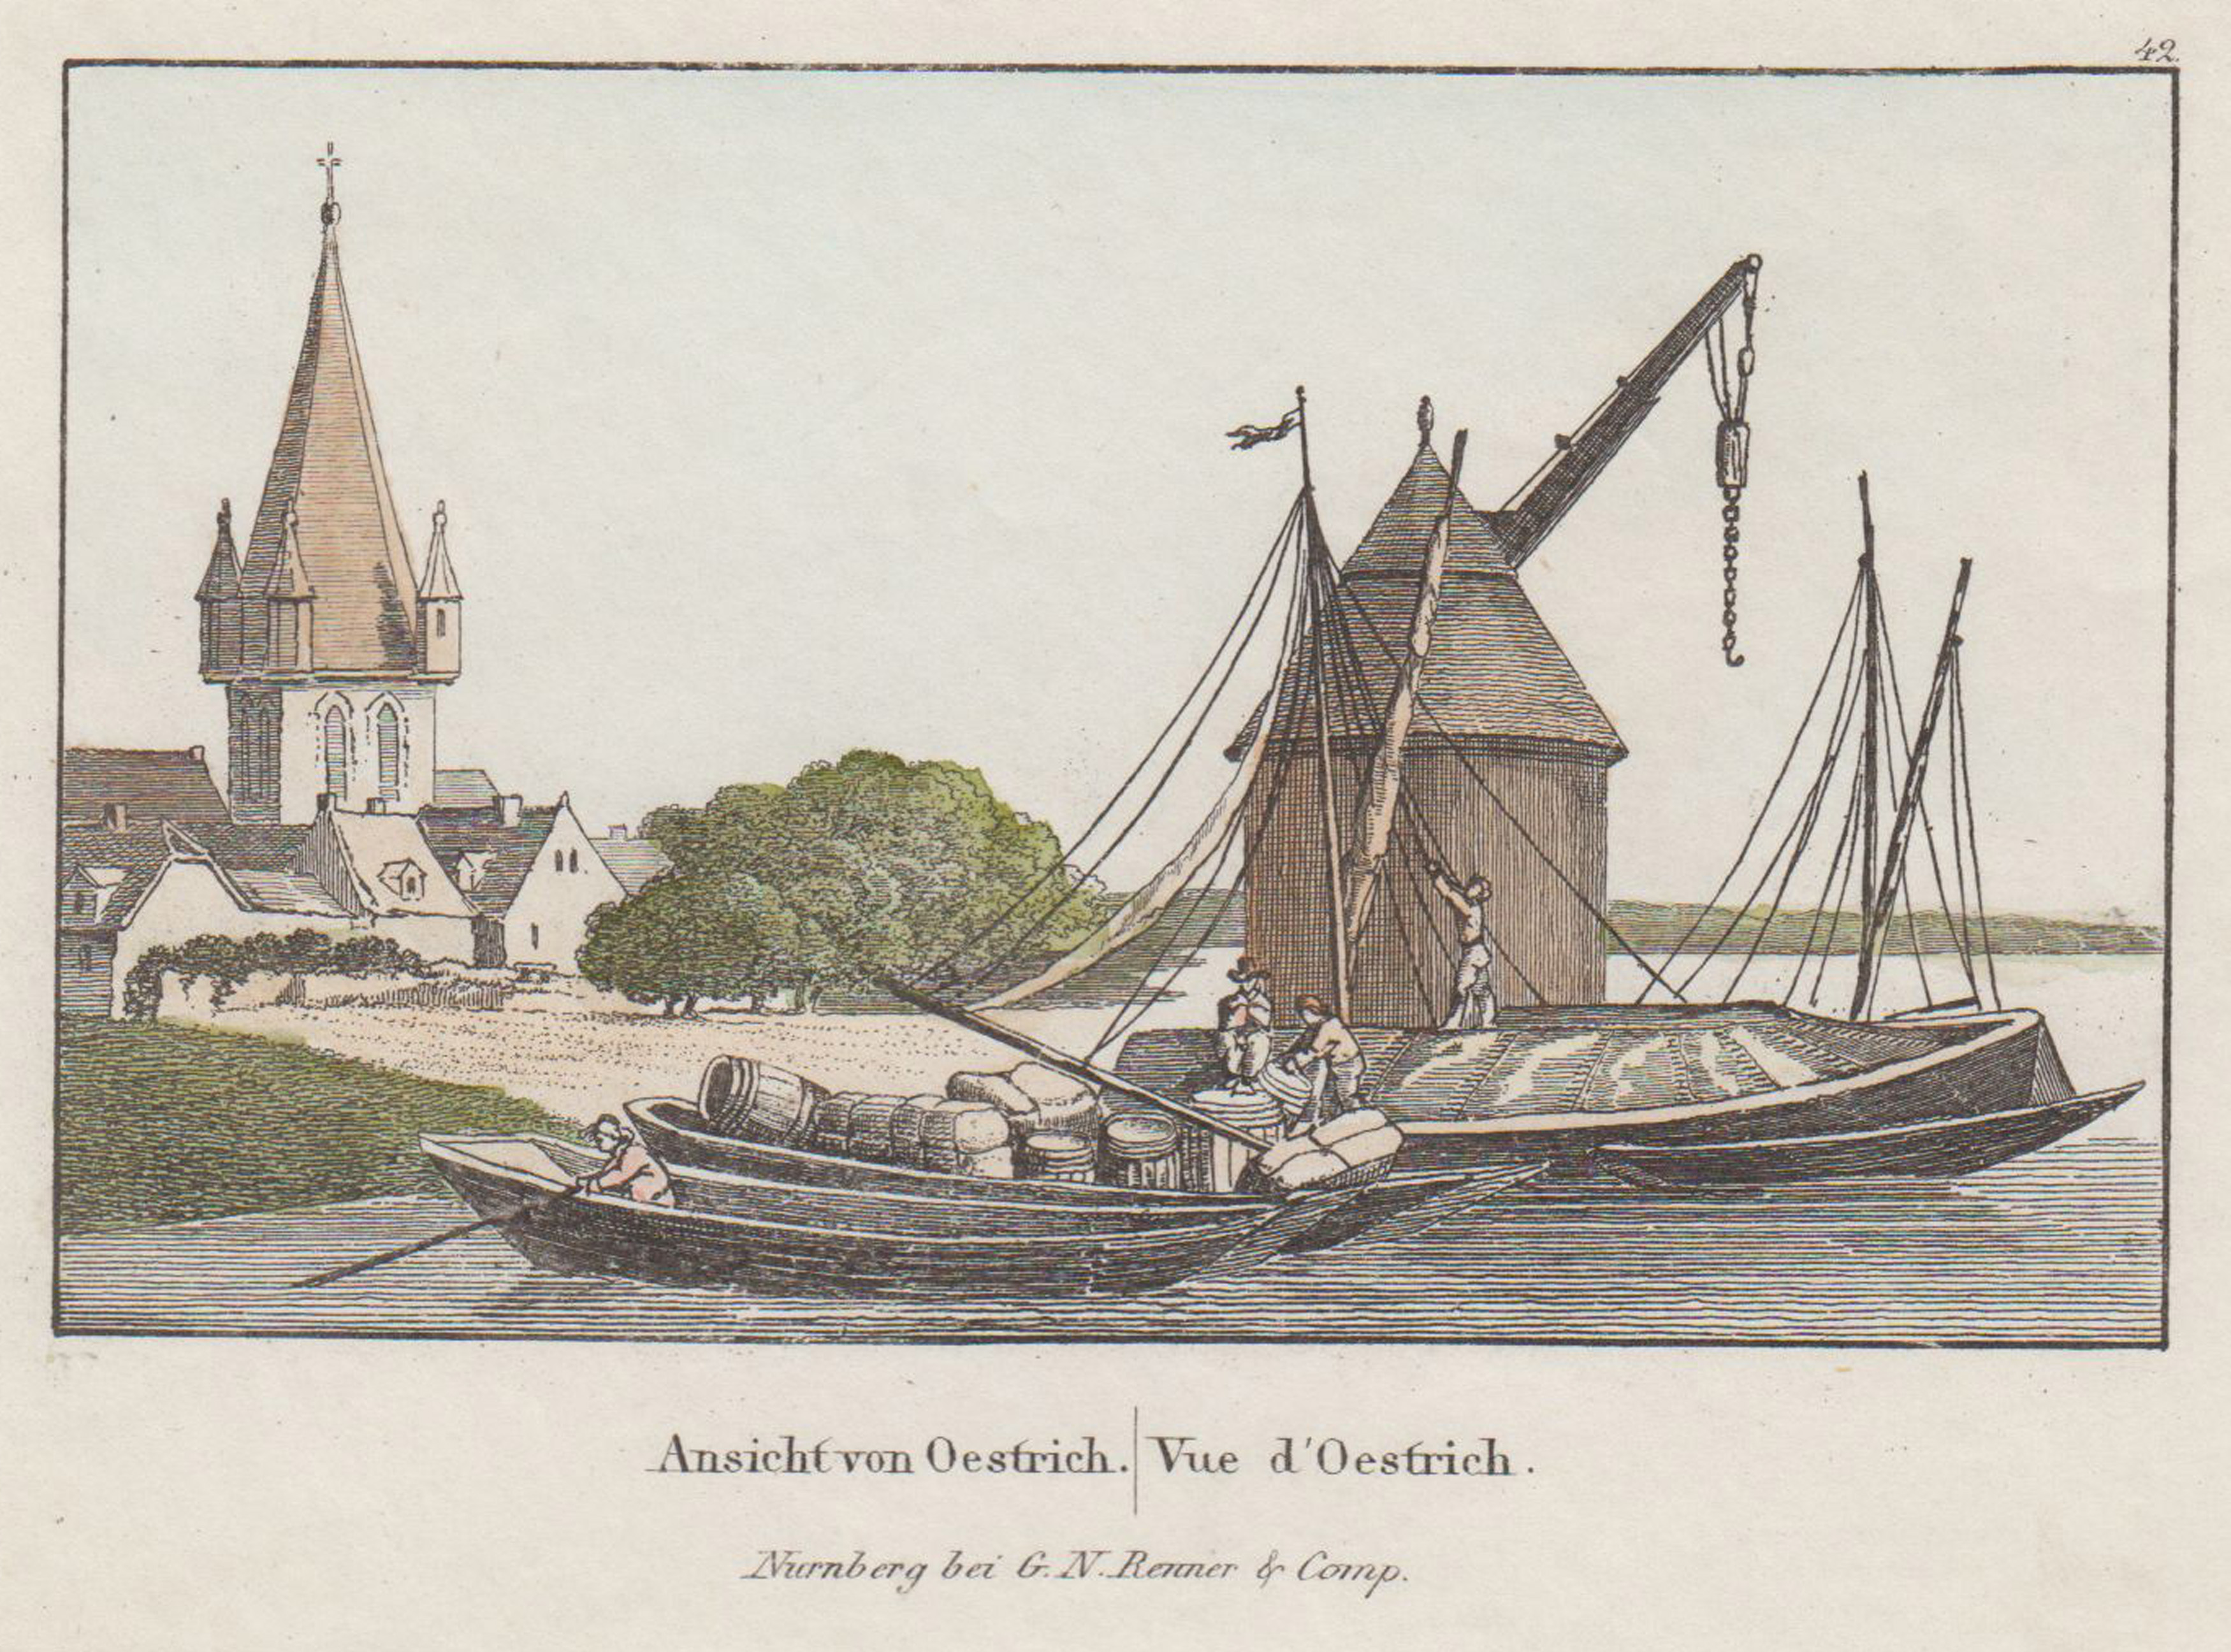 Ansicht, rechts i. Vgr. der Kran, links: Oestrich - Winkel: